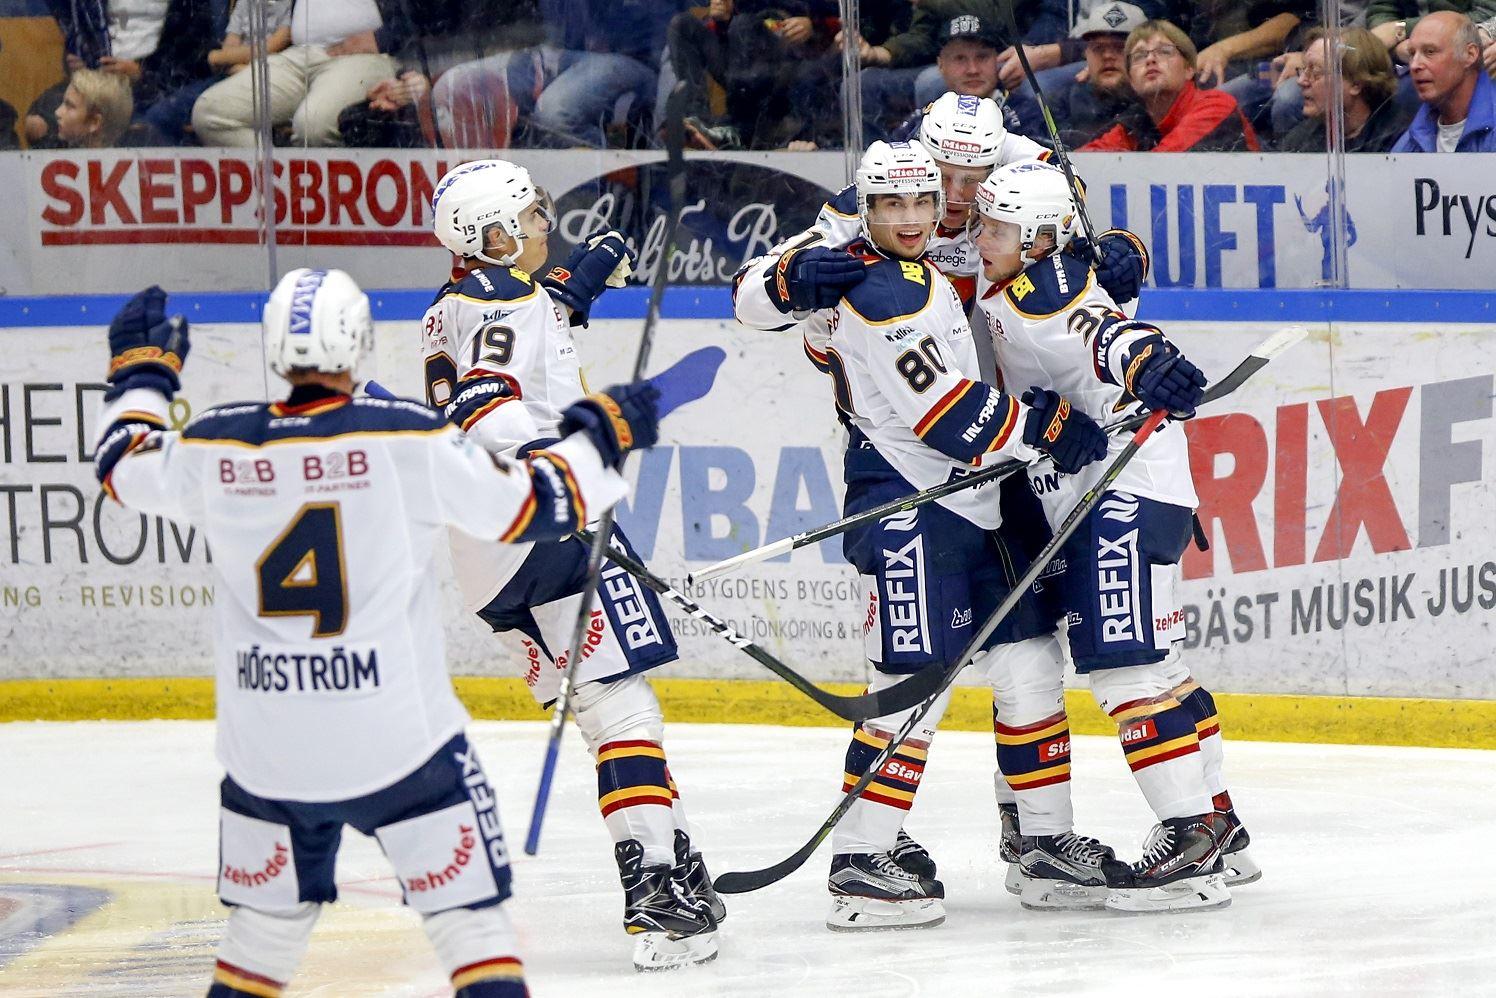 Biljett till Djurgården Hockey